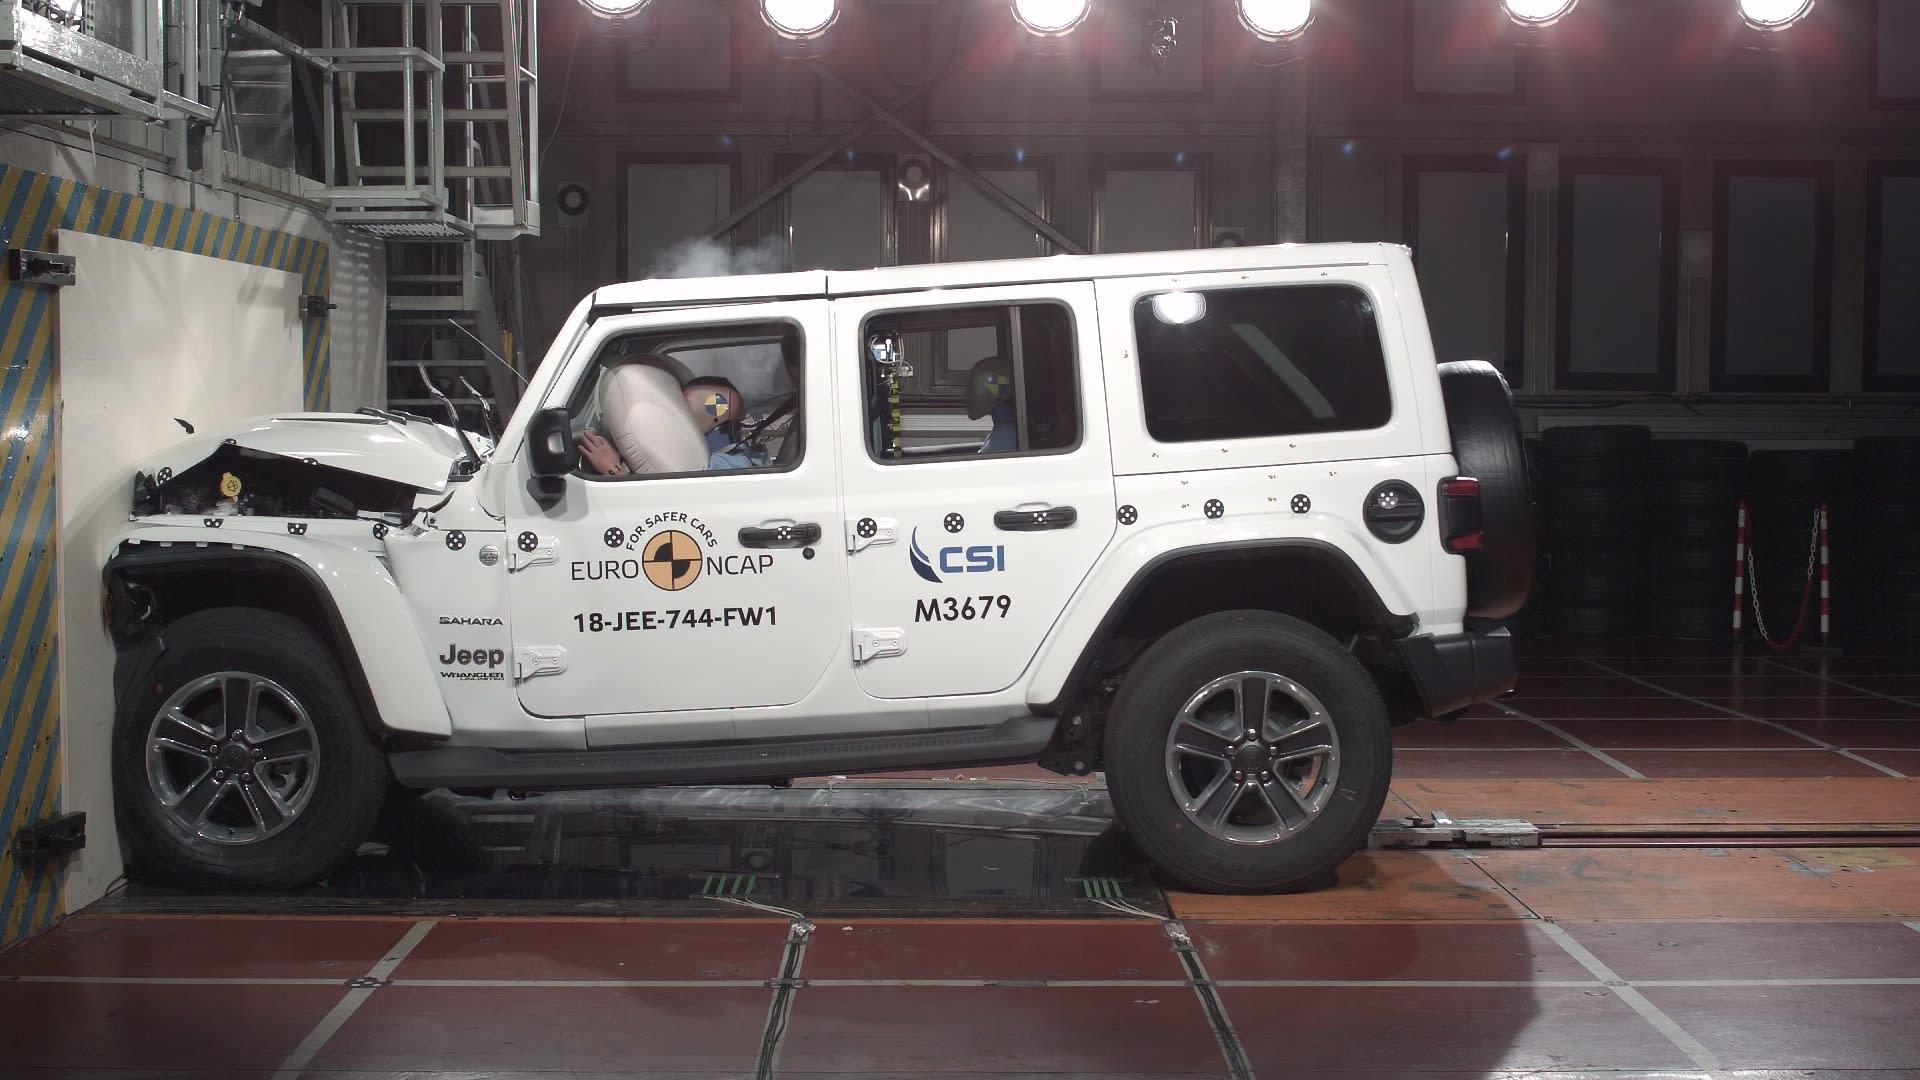 2019 jeep wrangler euro ncap 02